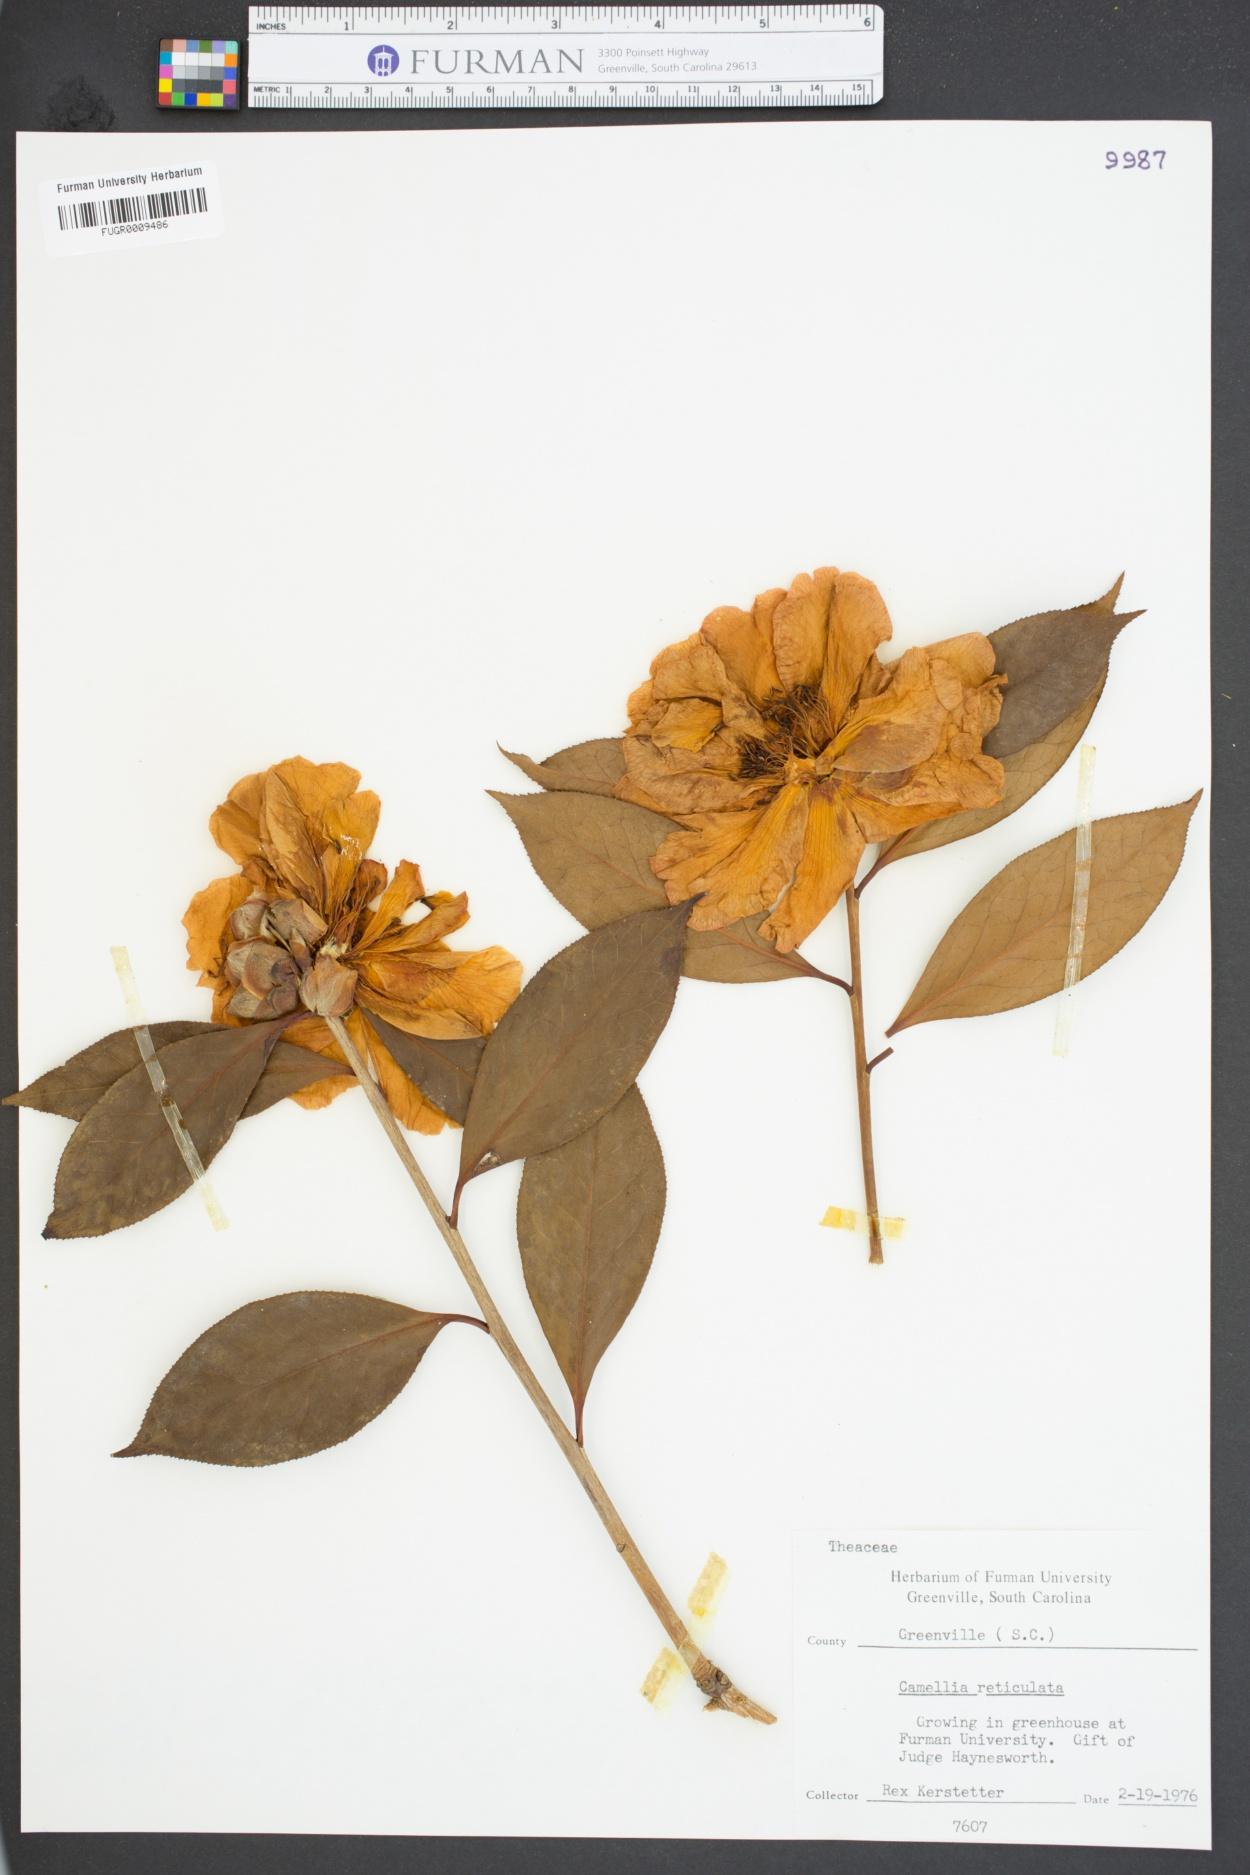 Camellia reticulata image